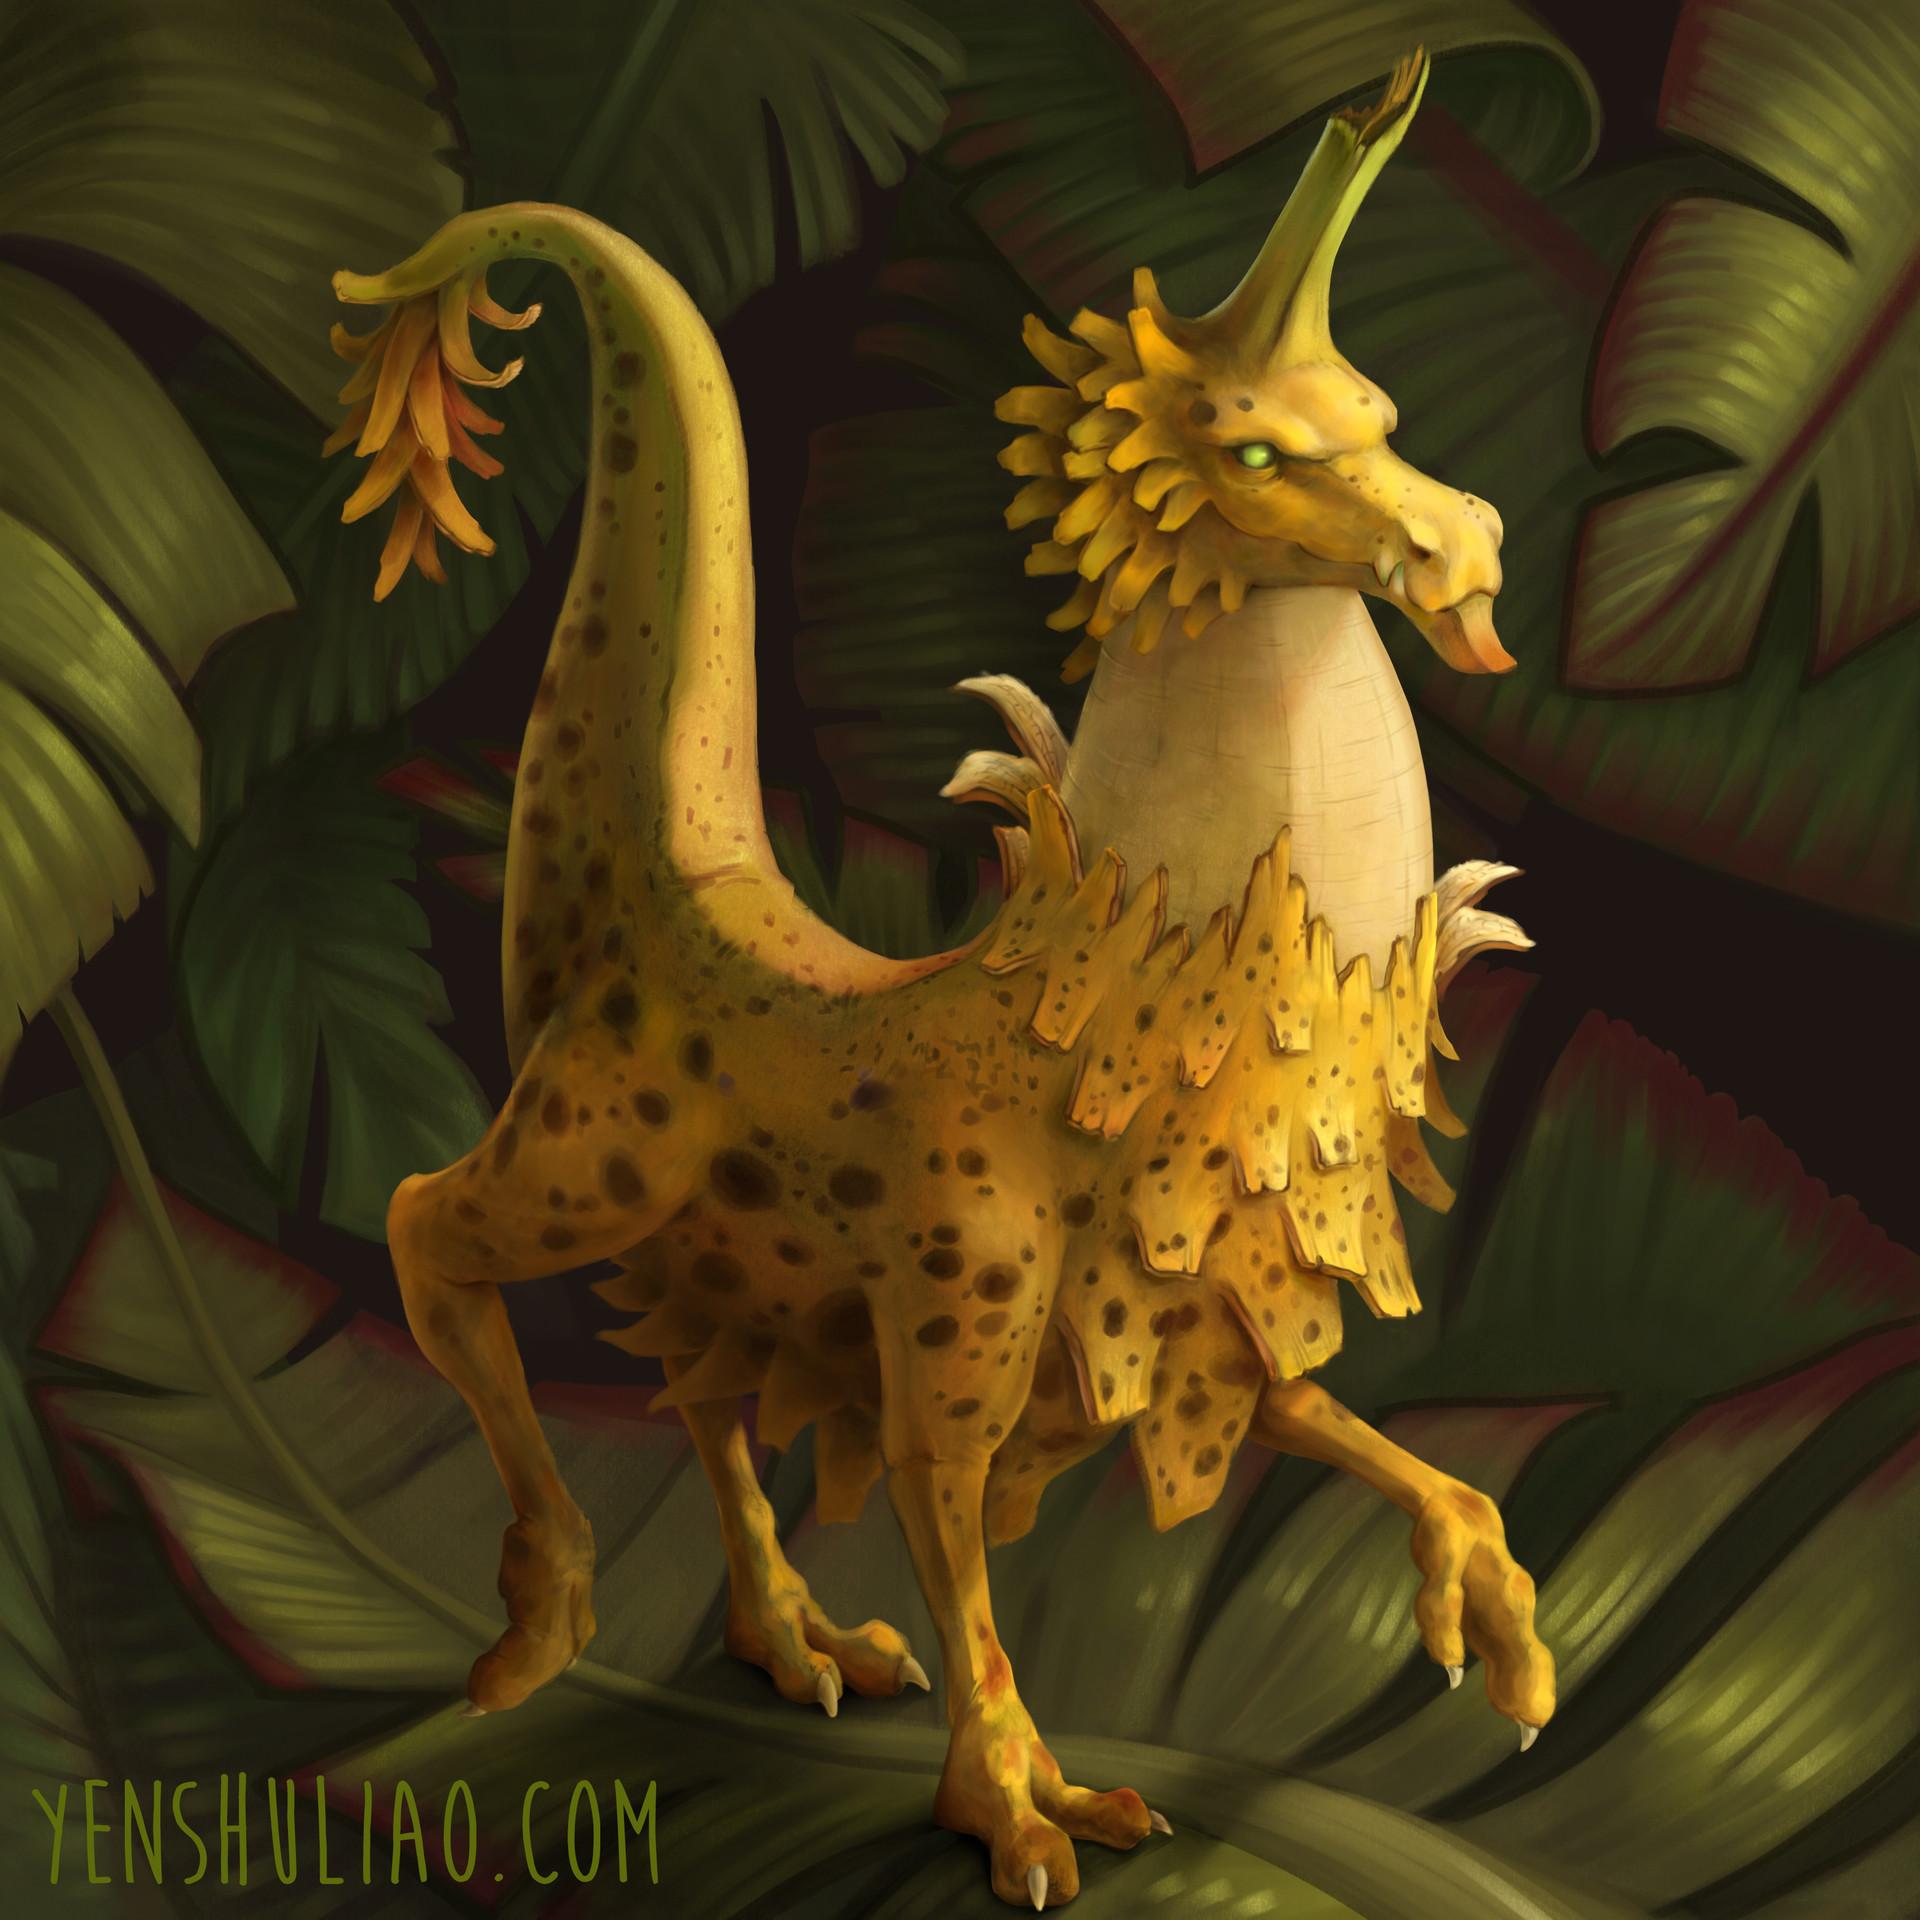 Yen shu liao creature concept banana dragon yenshuliao